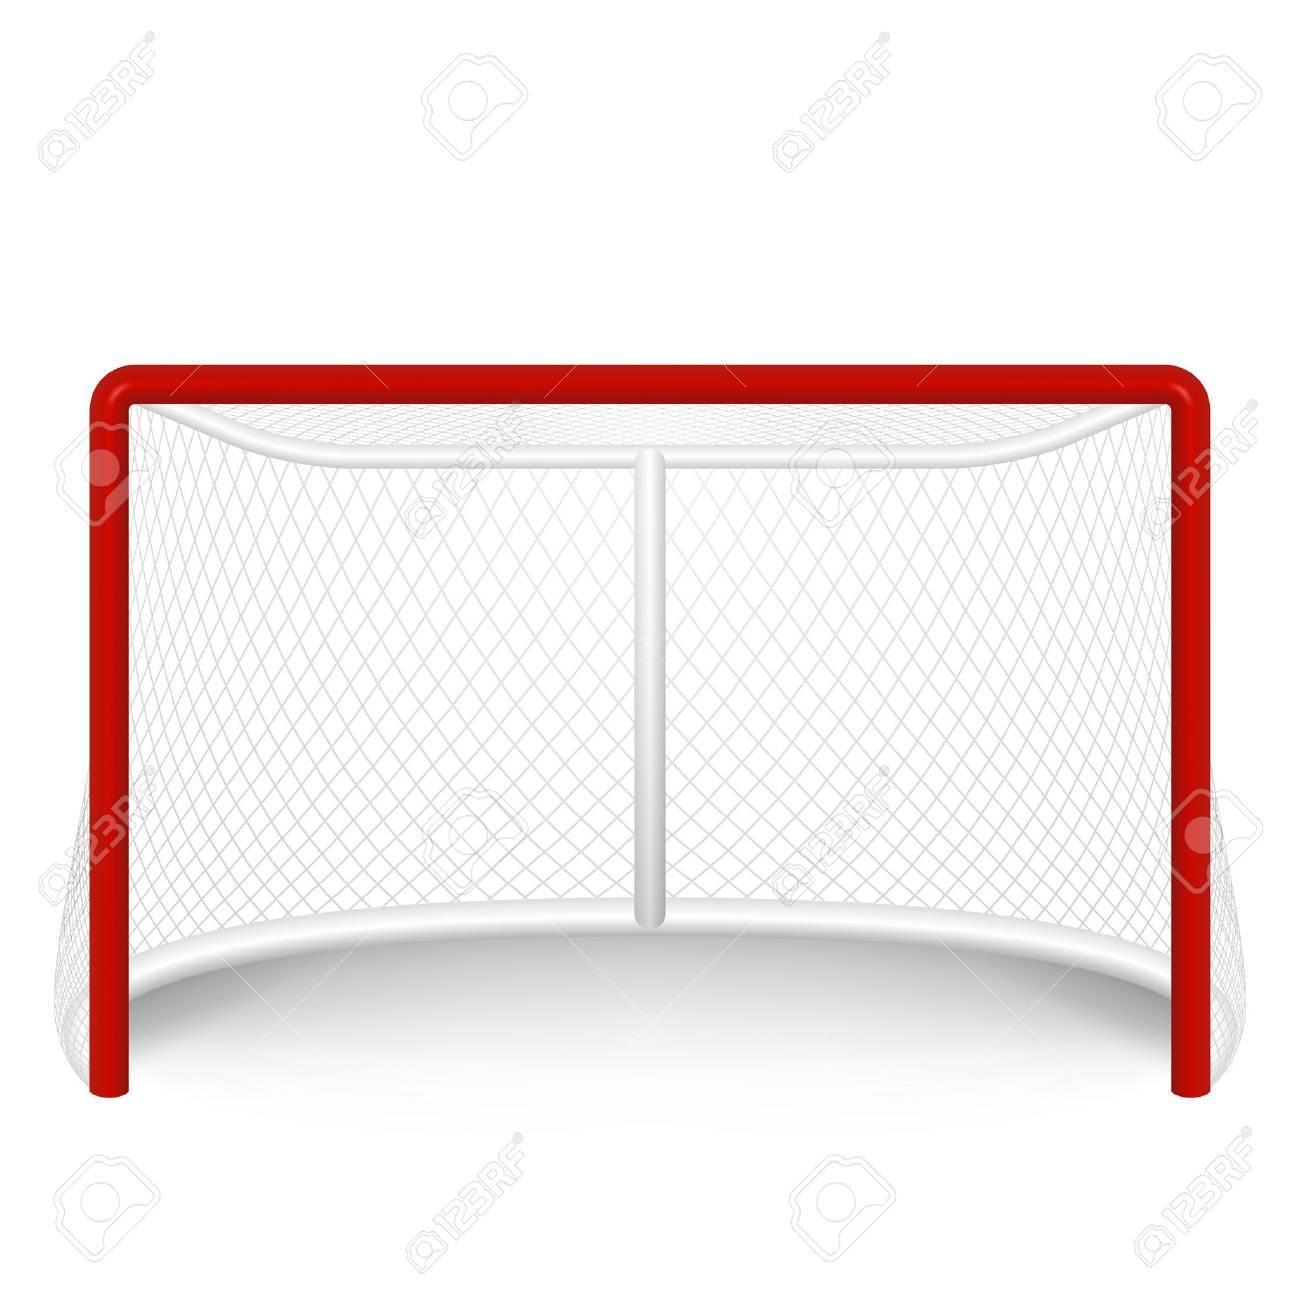 red hockey goal, net. - 39566796